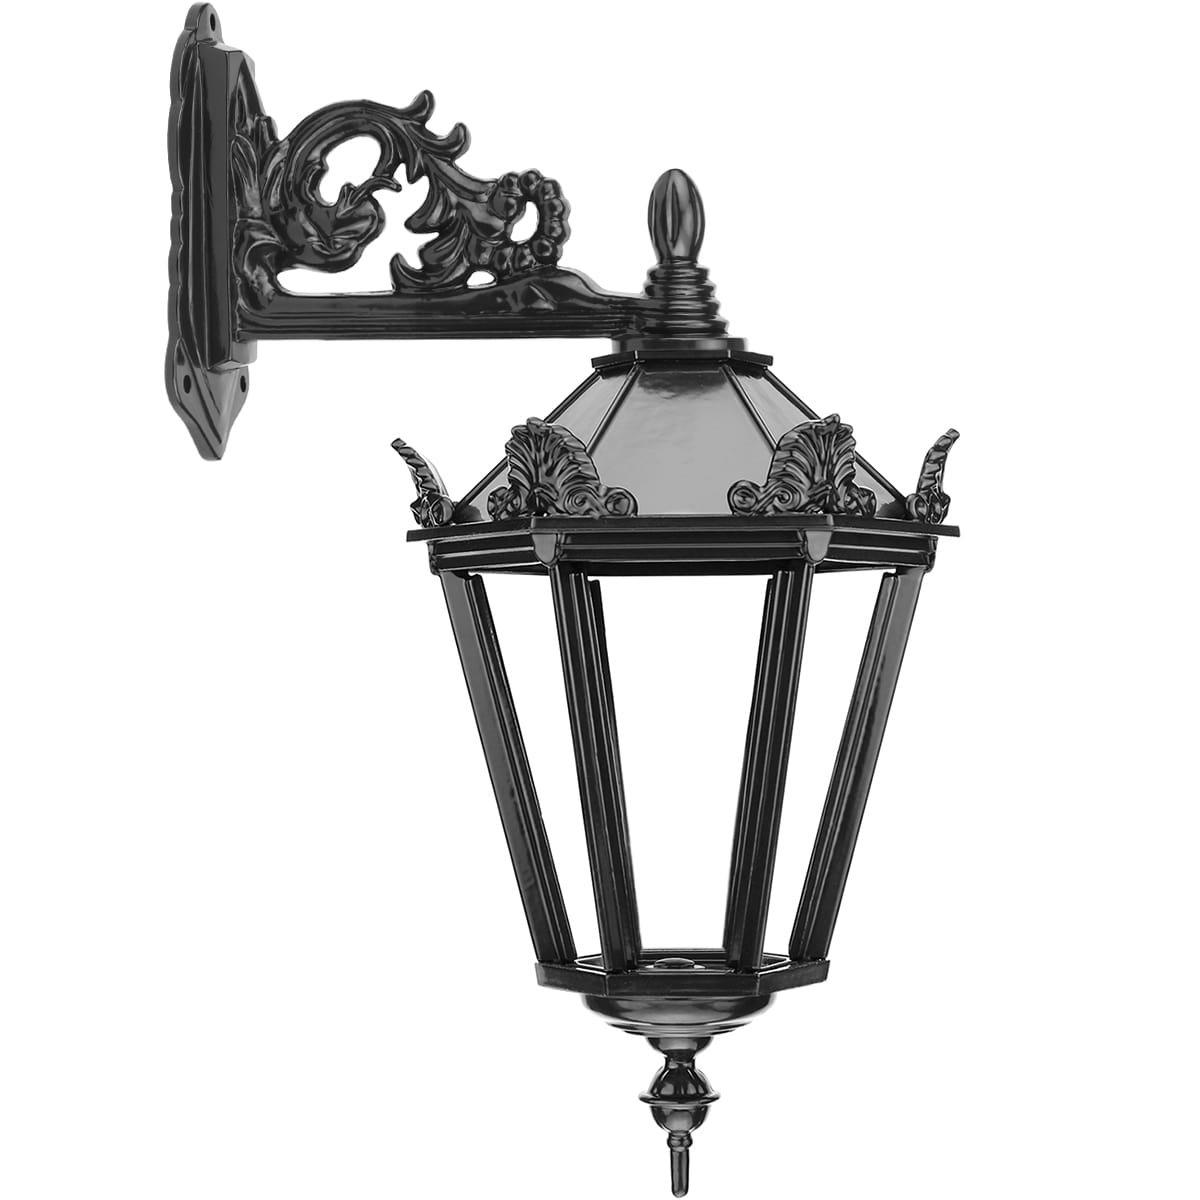 Outdoor Lighting Classic Rural Facade lamp hanging Finsterwolde - 62 cm